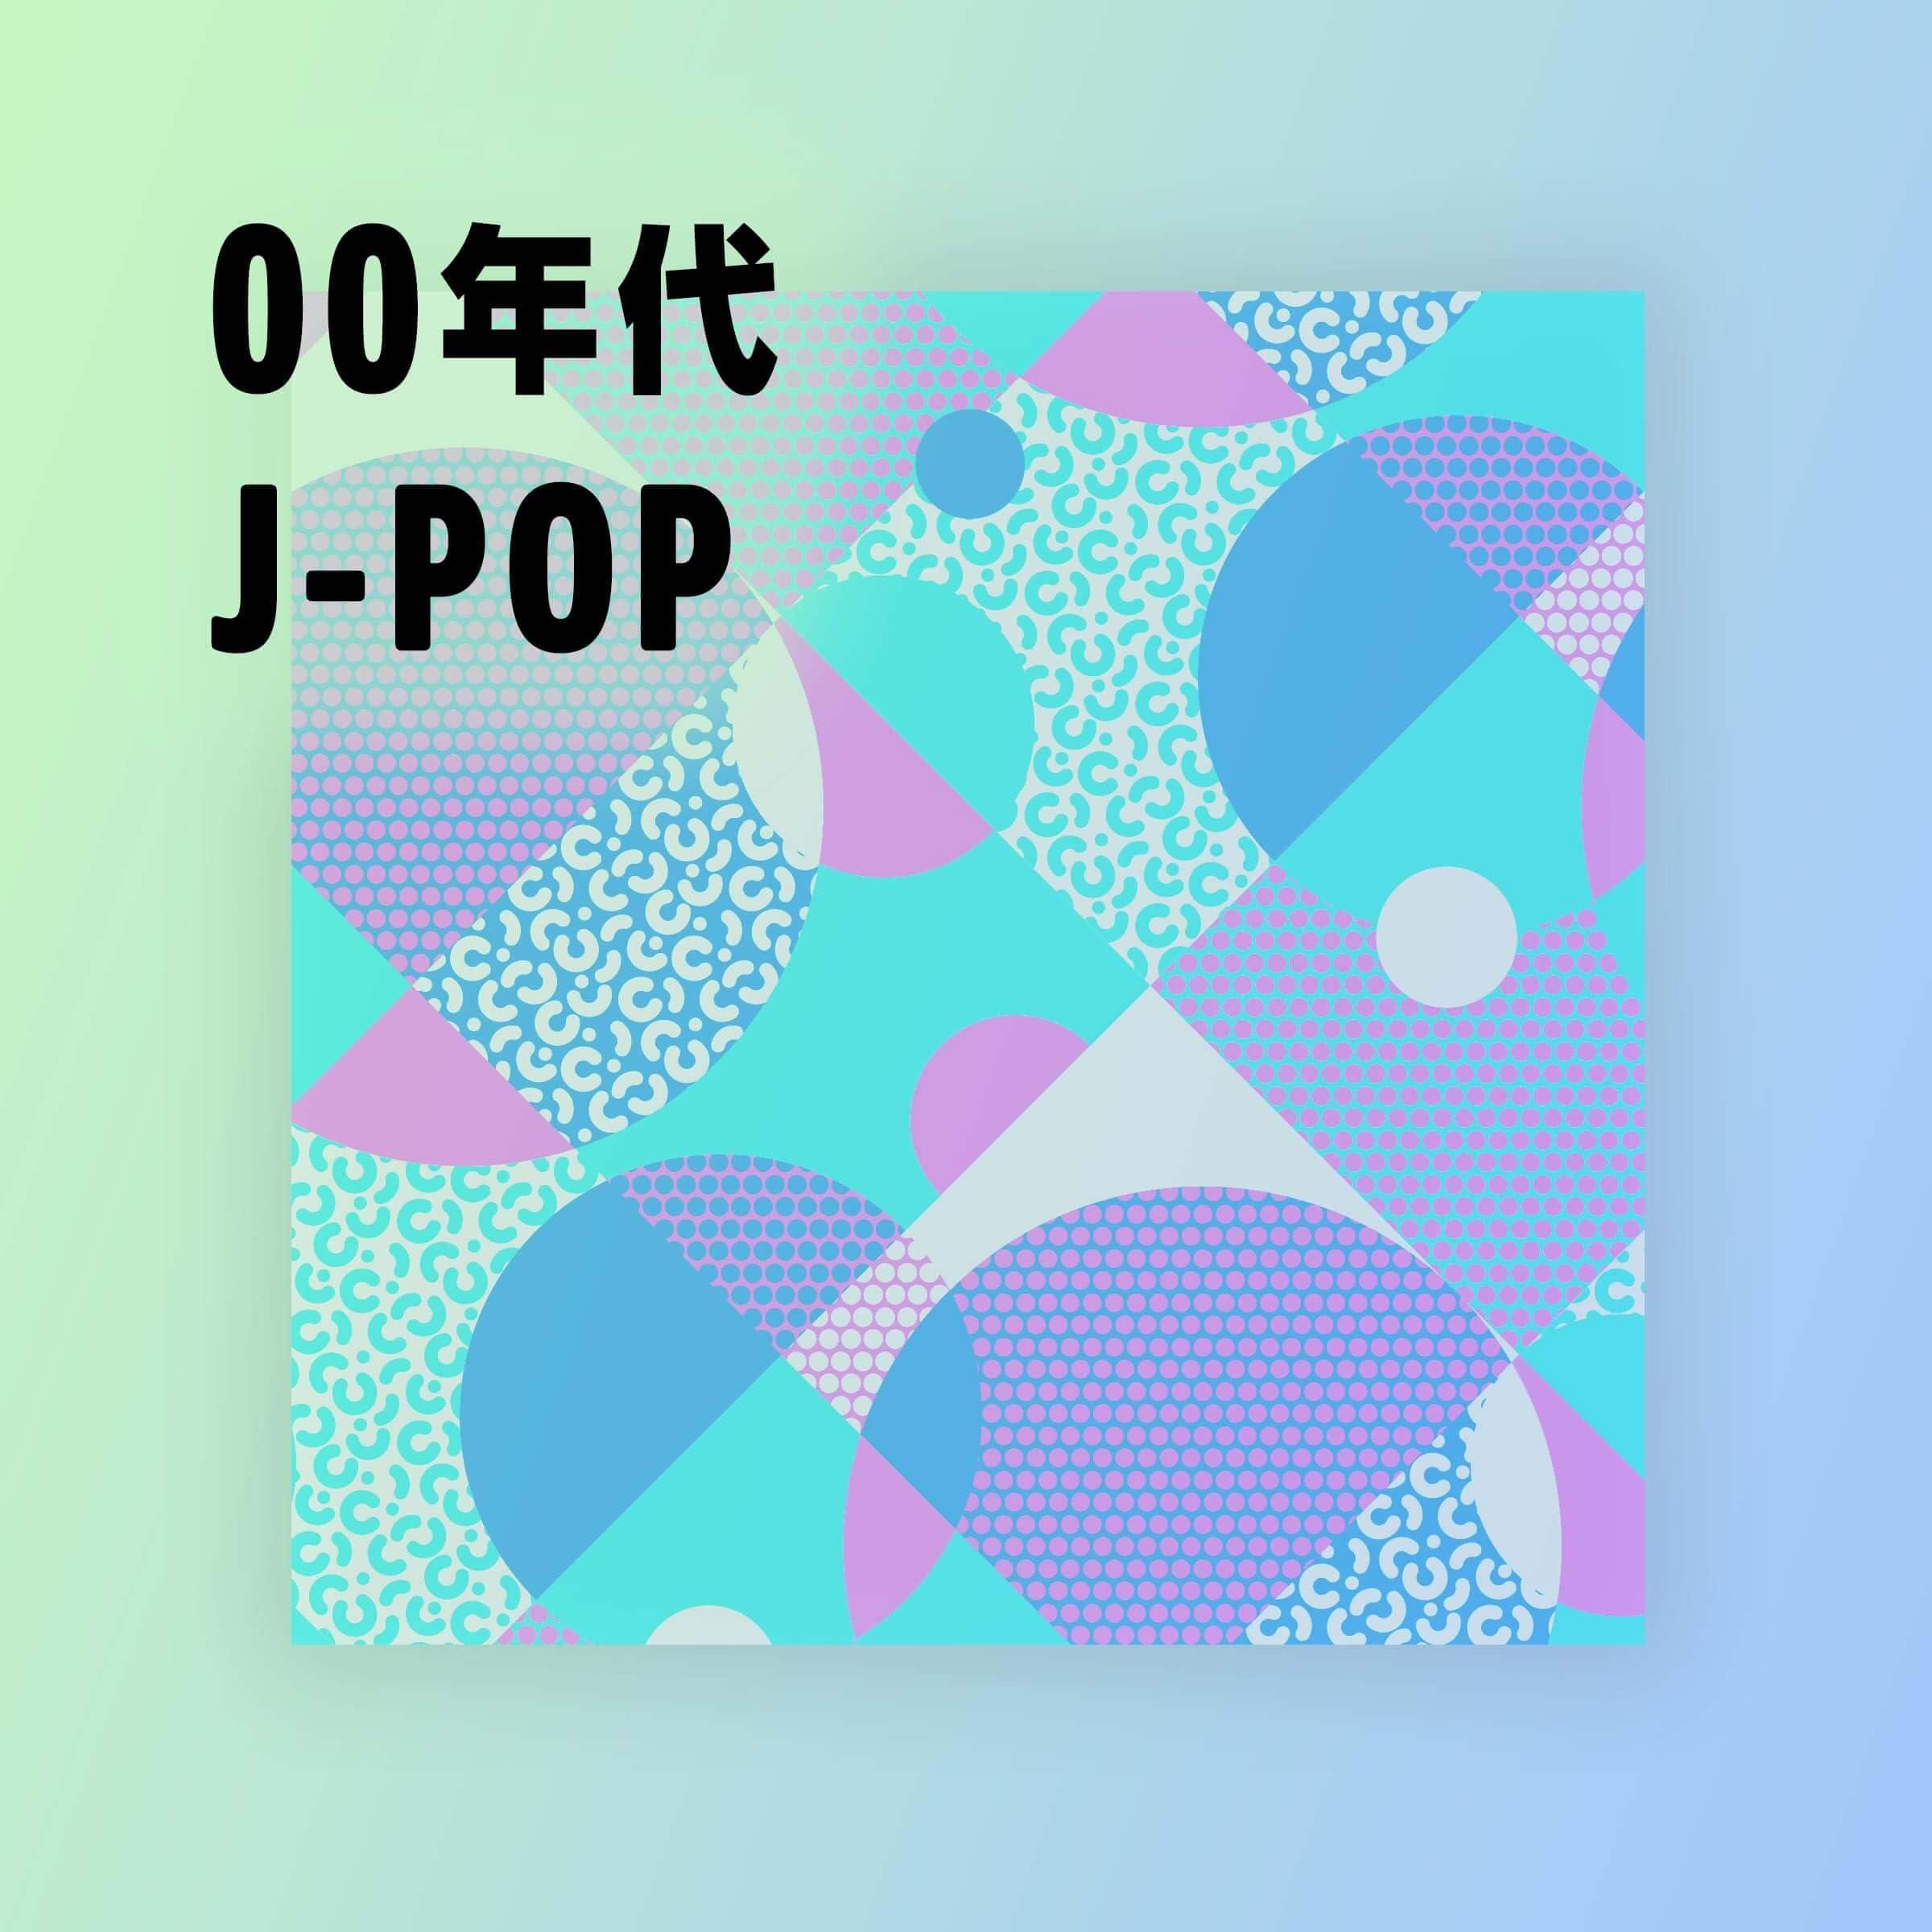 00年代 J-POP